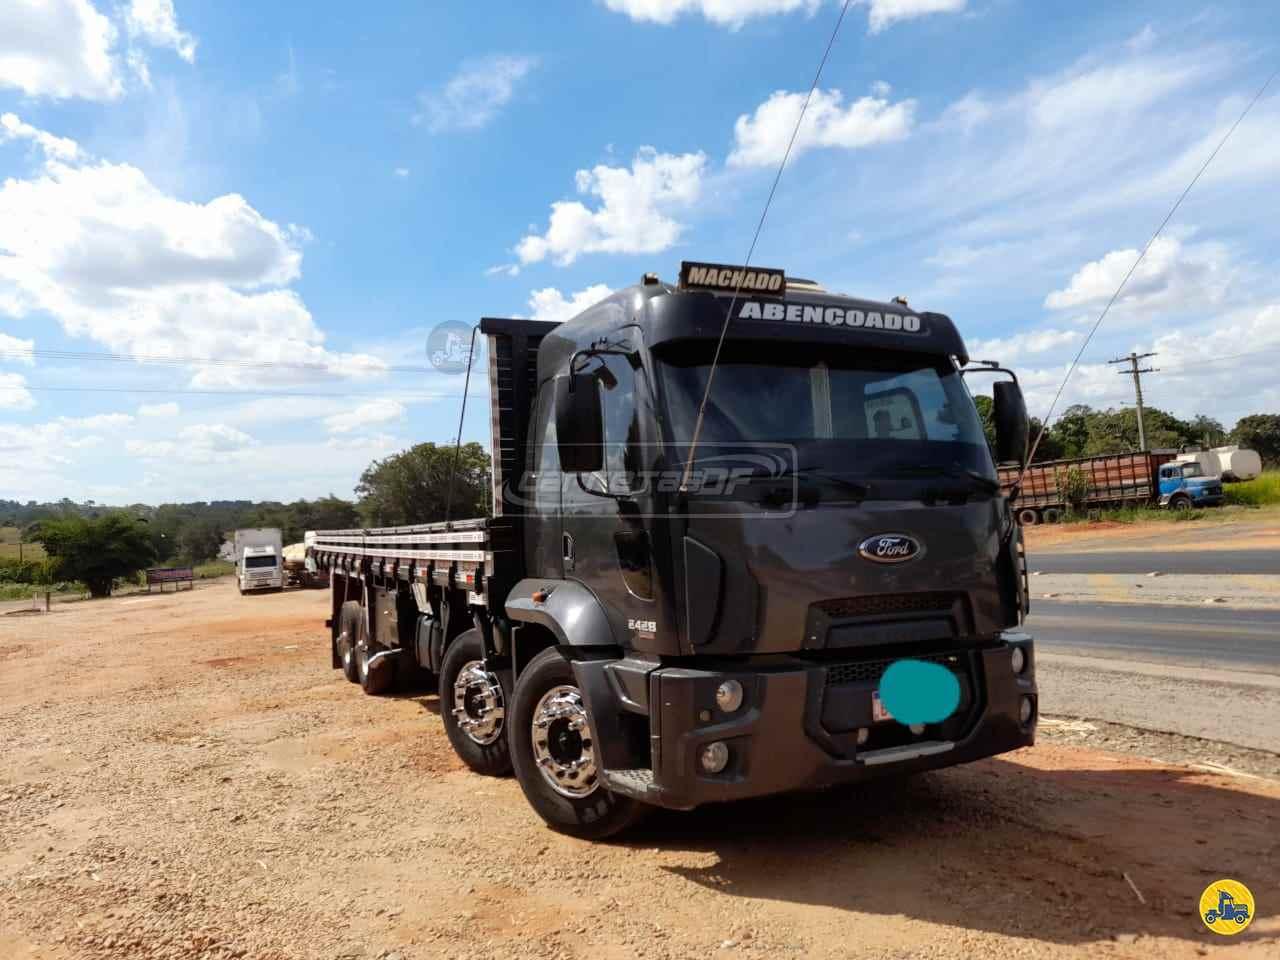 CAMINHAO FORD CARGO 2428 Graneleiro BiTruck 8x2 CARRETAS DF - NOMA BRASILIA DISTRITO FEDERAL DF